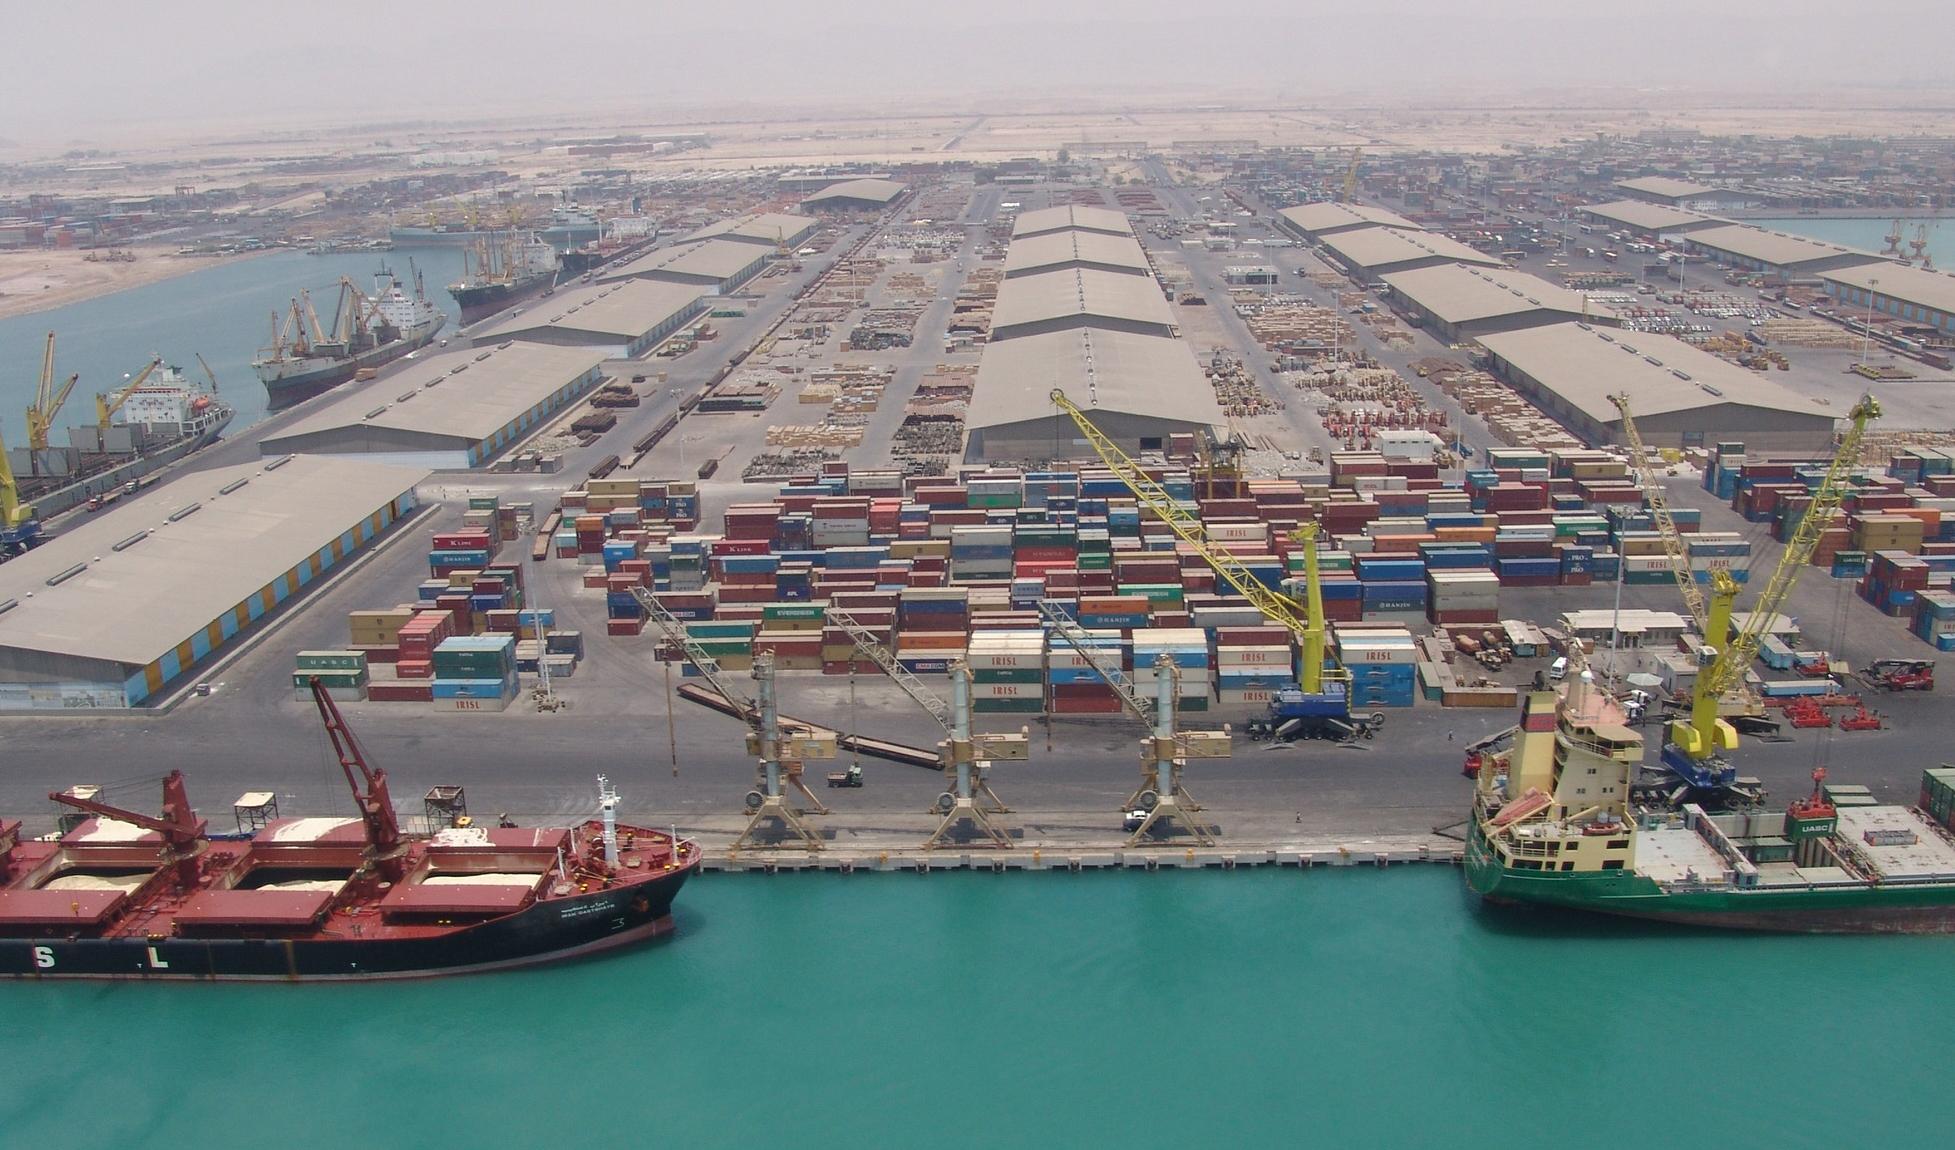 پهلوگیری ۷ کشتی حامل کالاهای اساسی در بندر چابهار